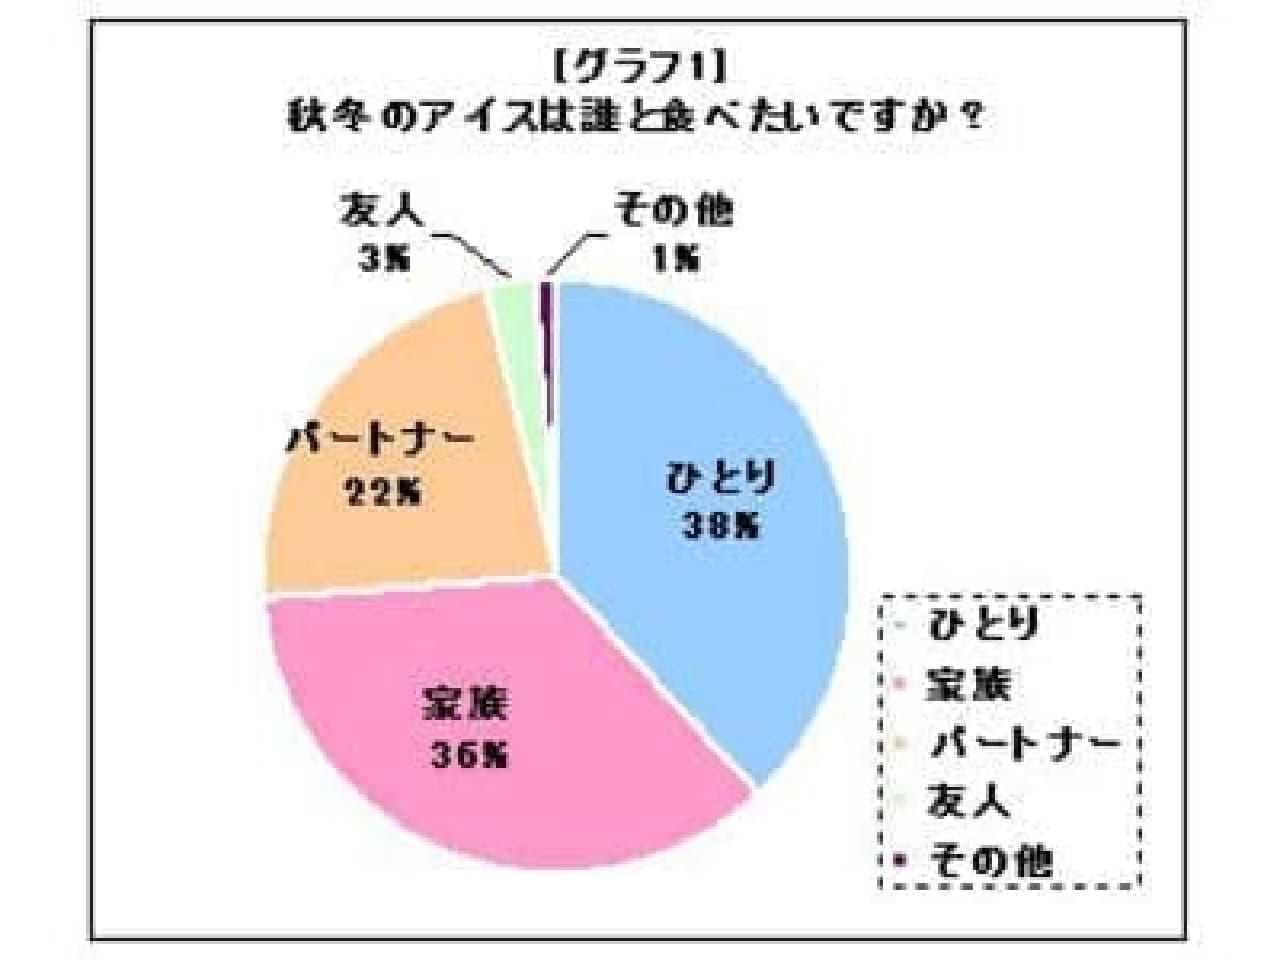 「その他」1%がとても気になります…  家族でも、パートナーでも、友だちでもない「誰か」って、誰なの?